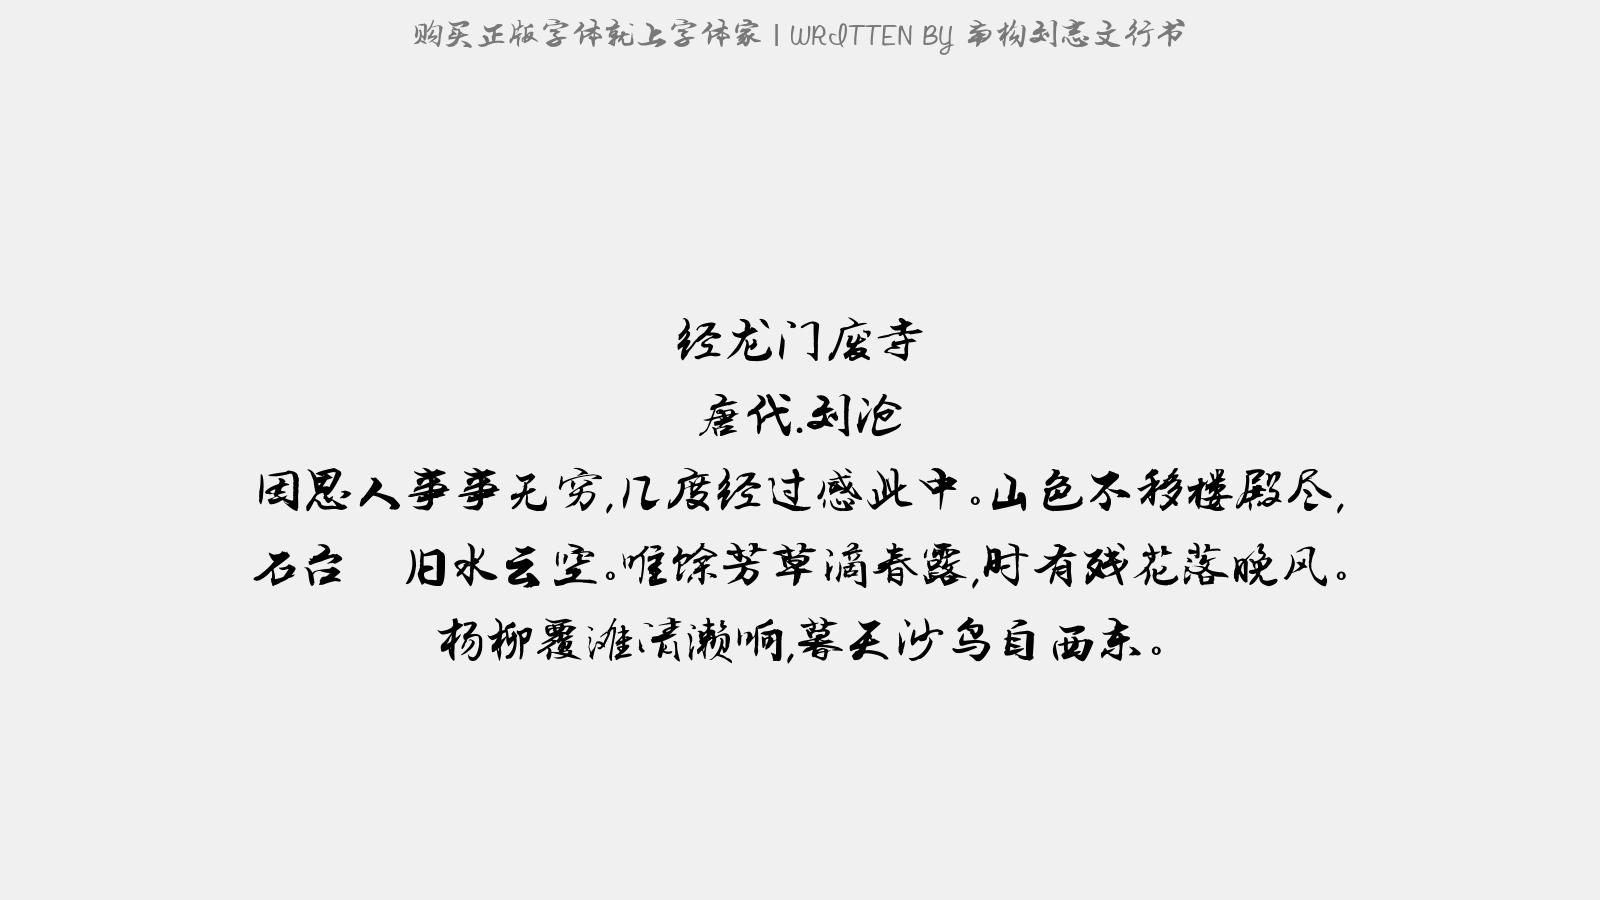 南構劉志文行書 - 經龍門廢寺